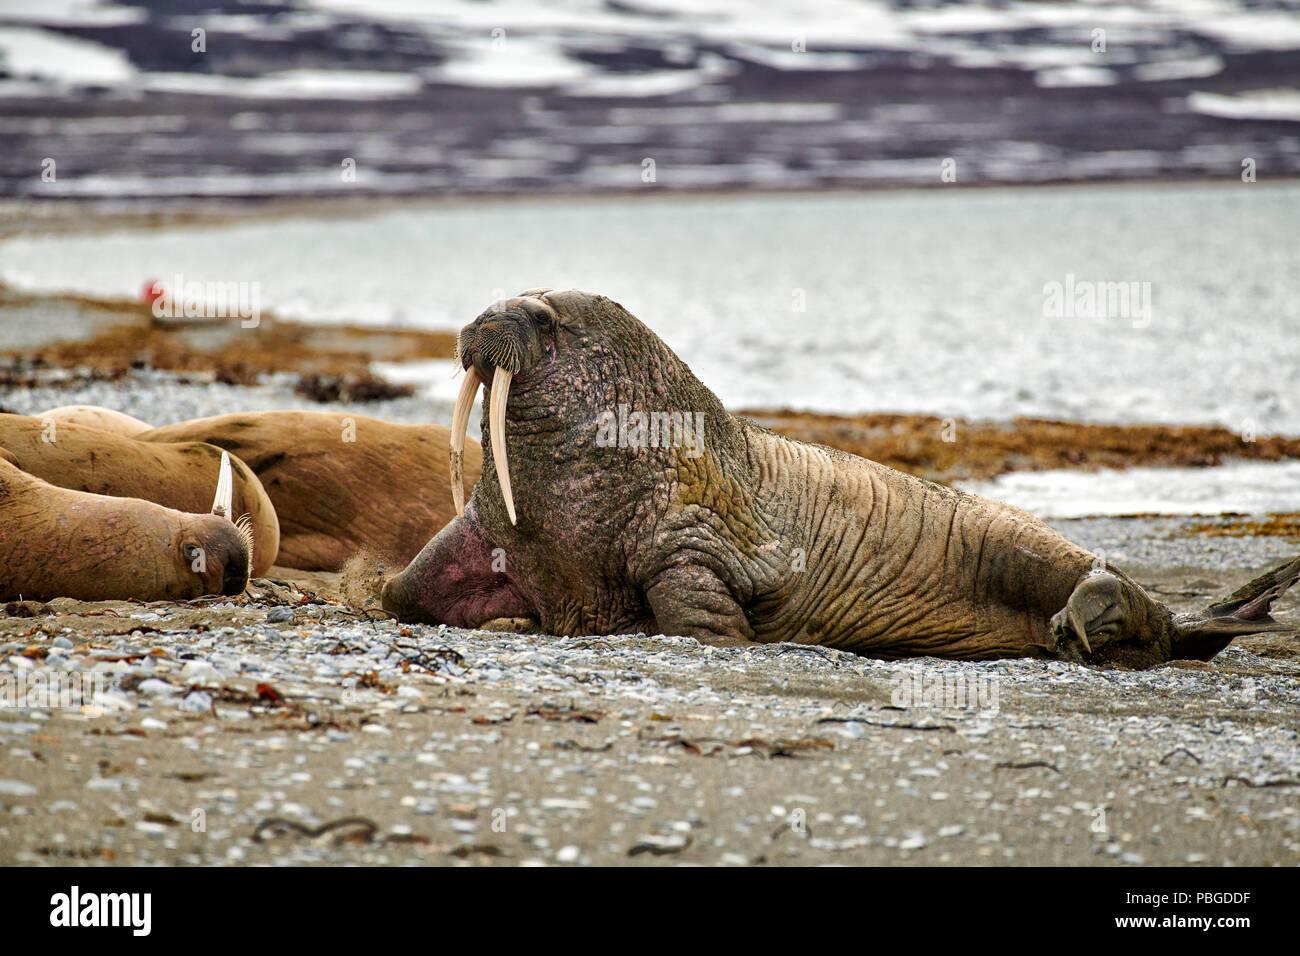 Walross, Odobenus rosmarus, Poolepynten oder Spitzbergen, Svalbard, Europa Stockbild